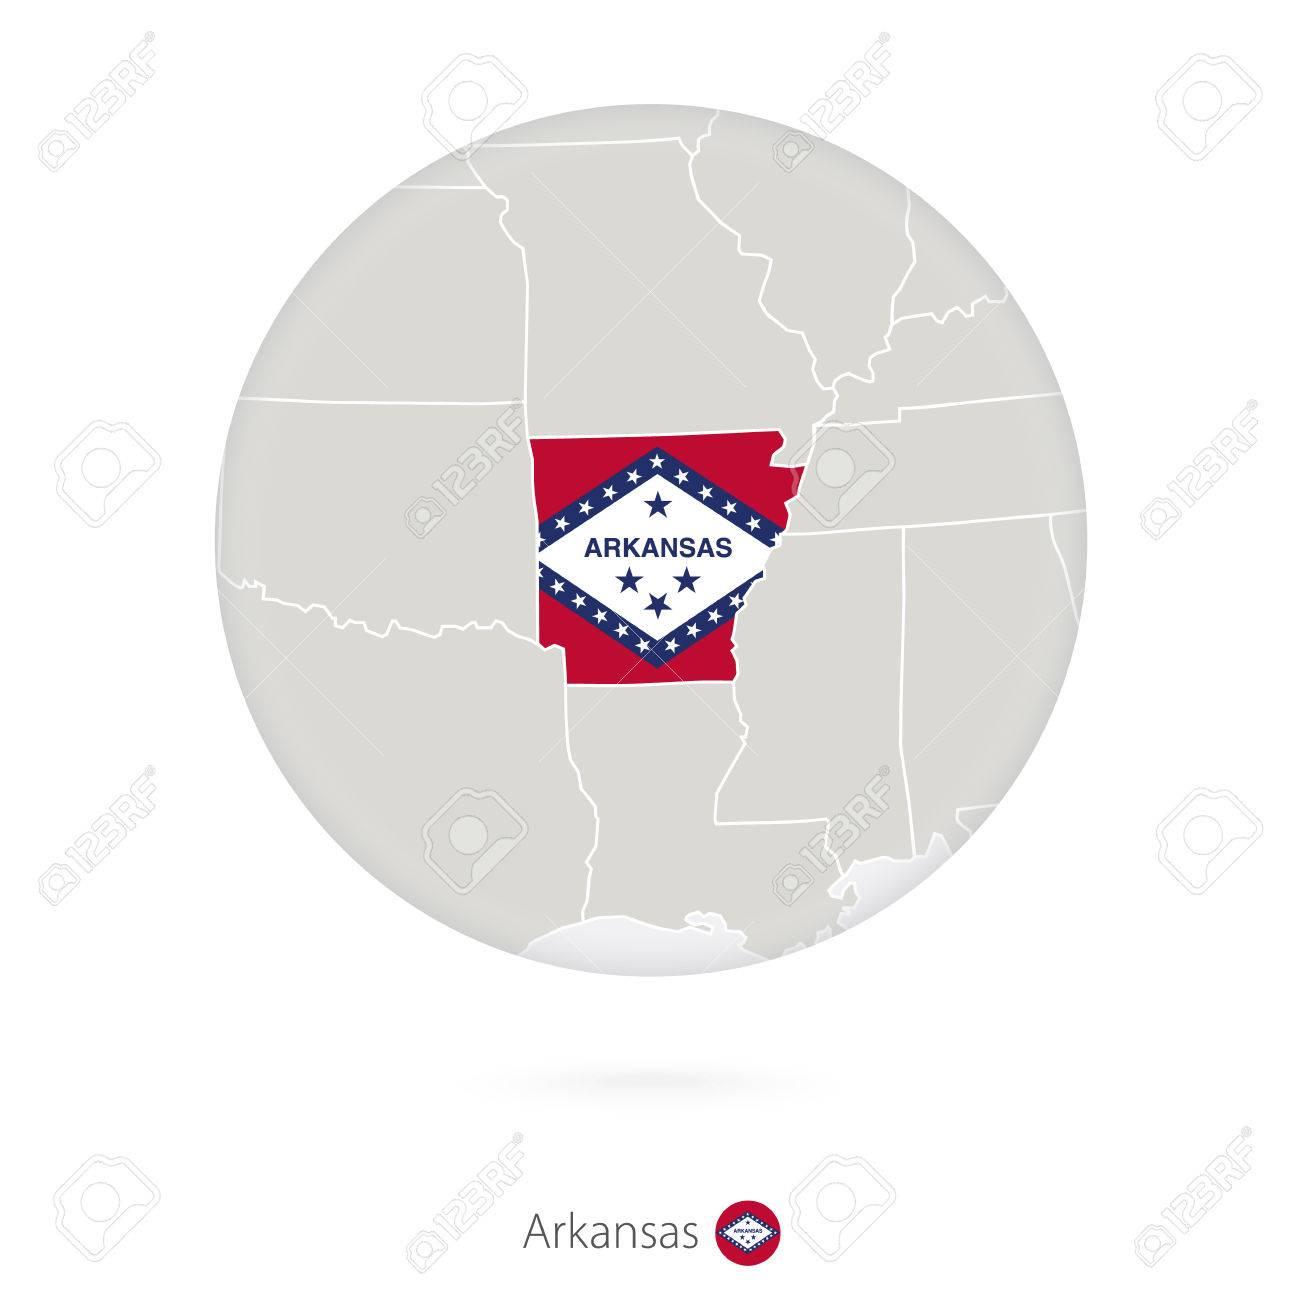 Arkansas Us Map - Arkansas on the us map